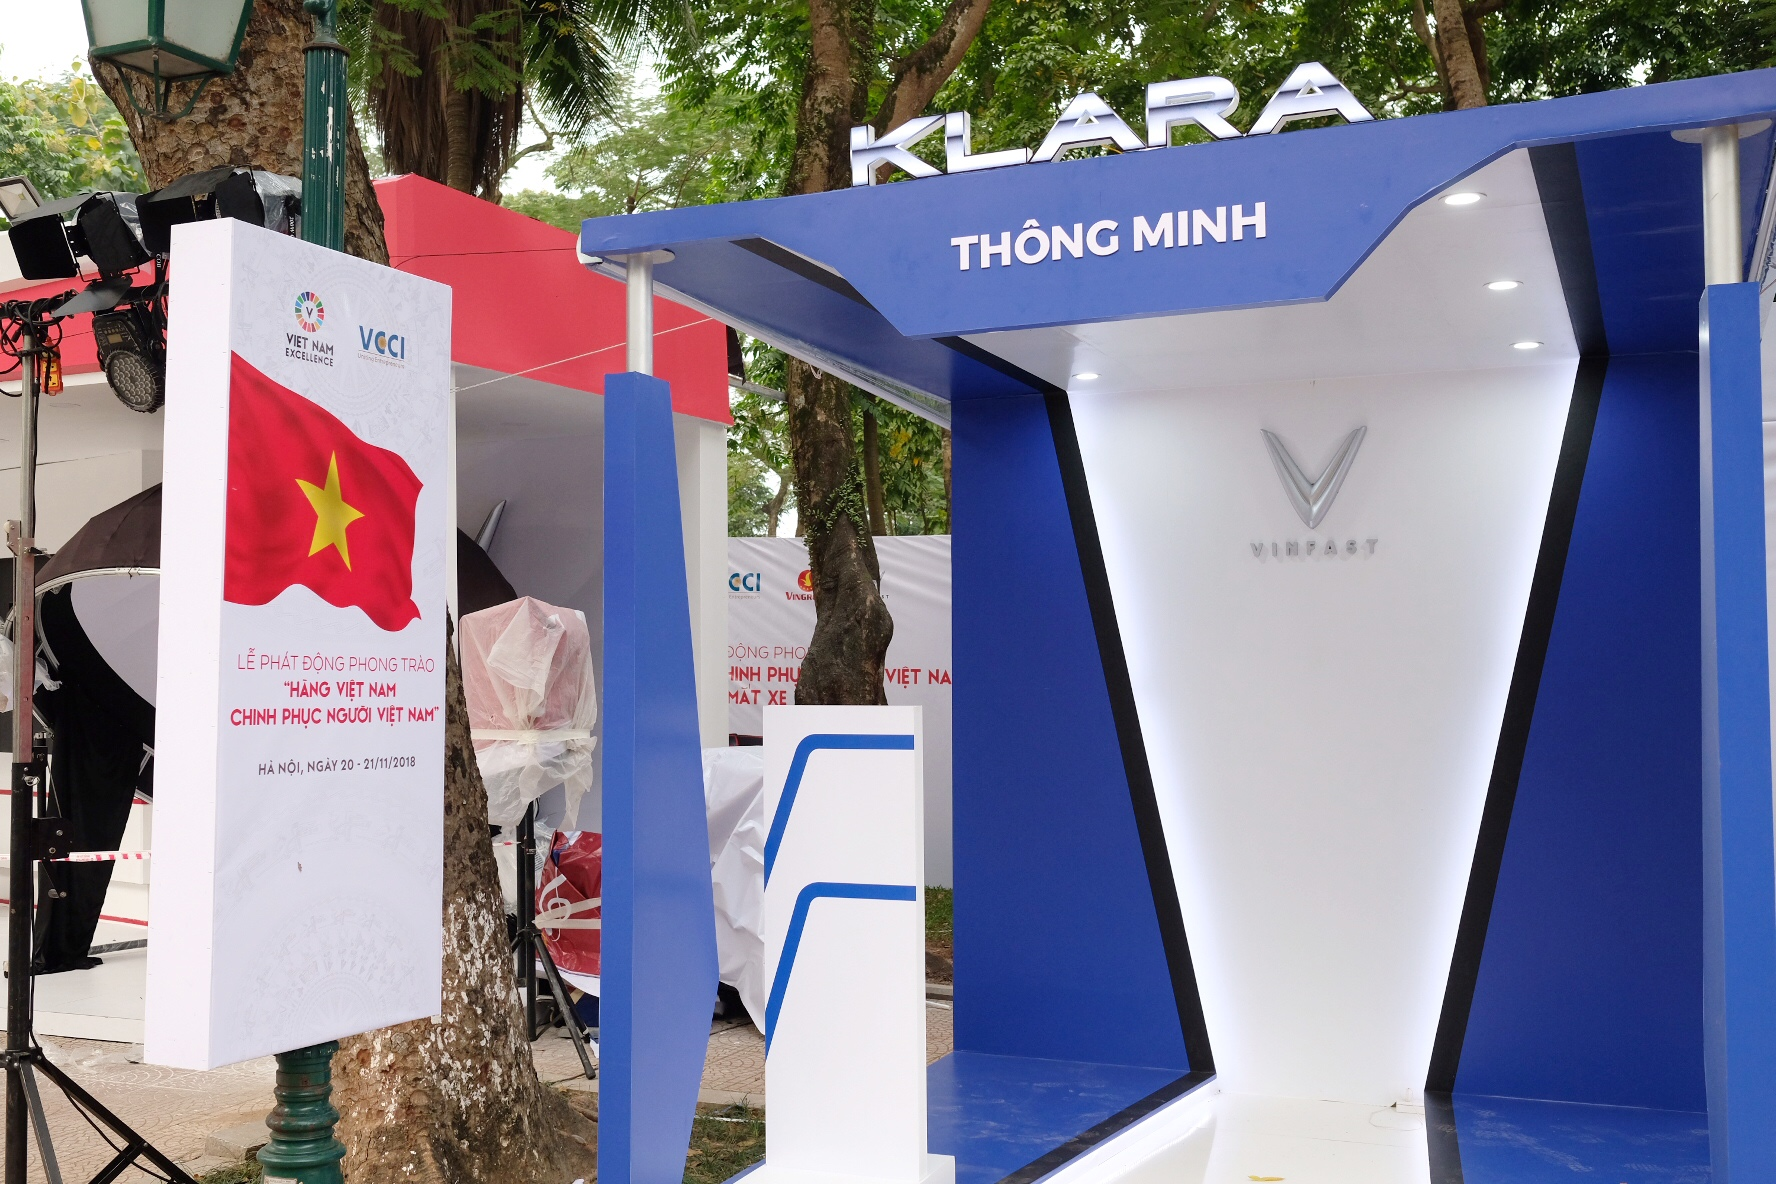 Những hình ảnh mới nhất của ô tô Vinfast chuẩn bị lễ ra mắt tại Hà Nội 10